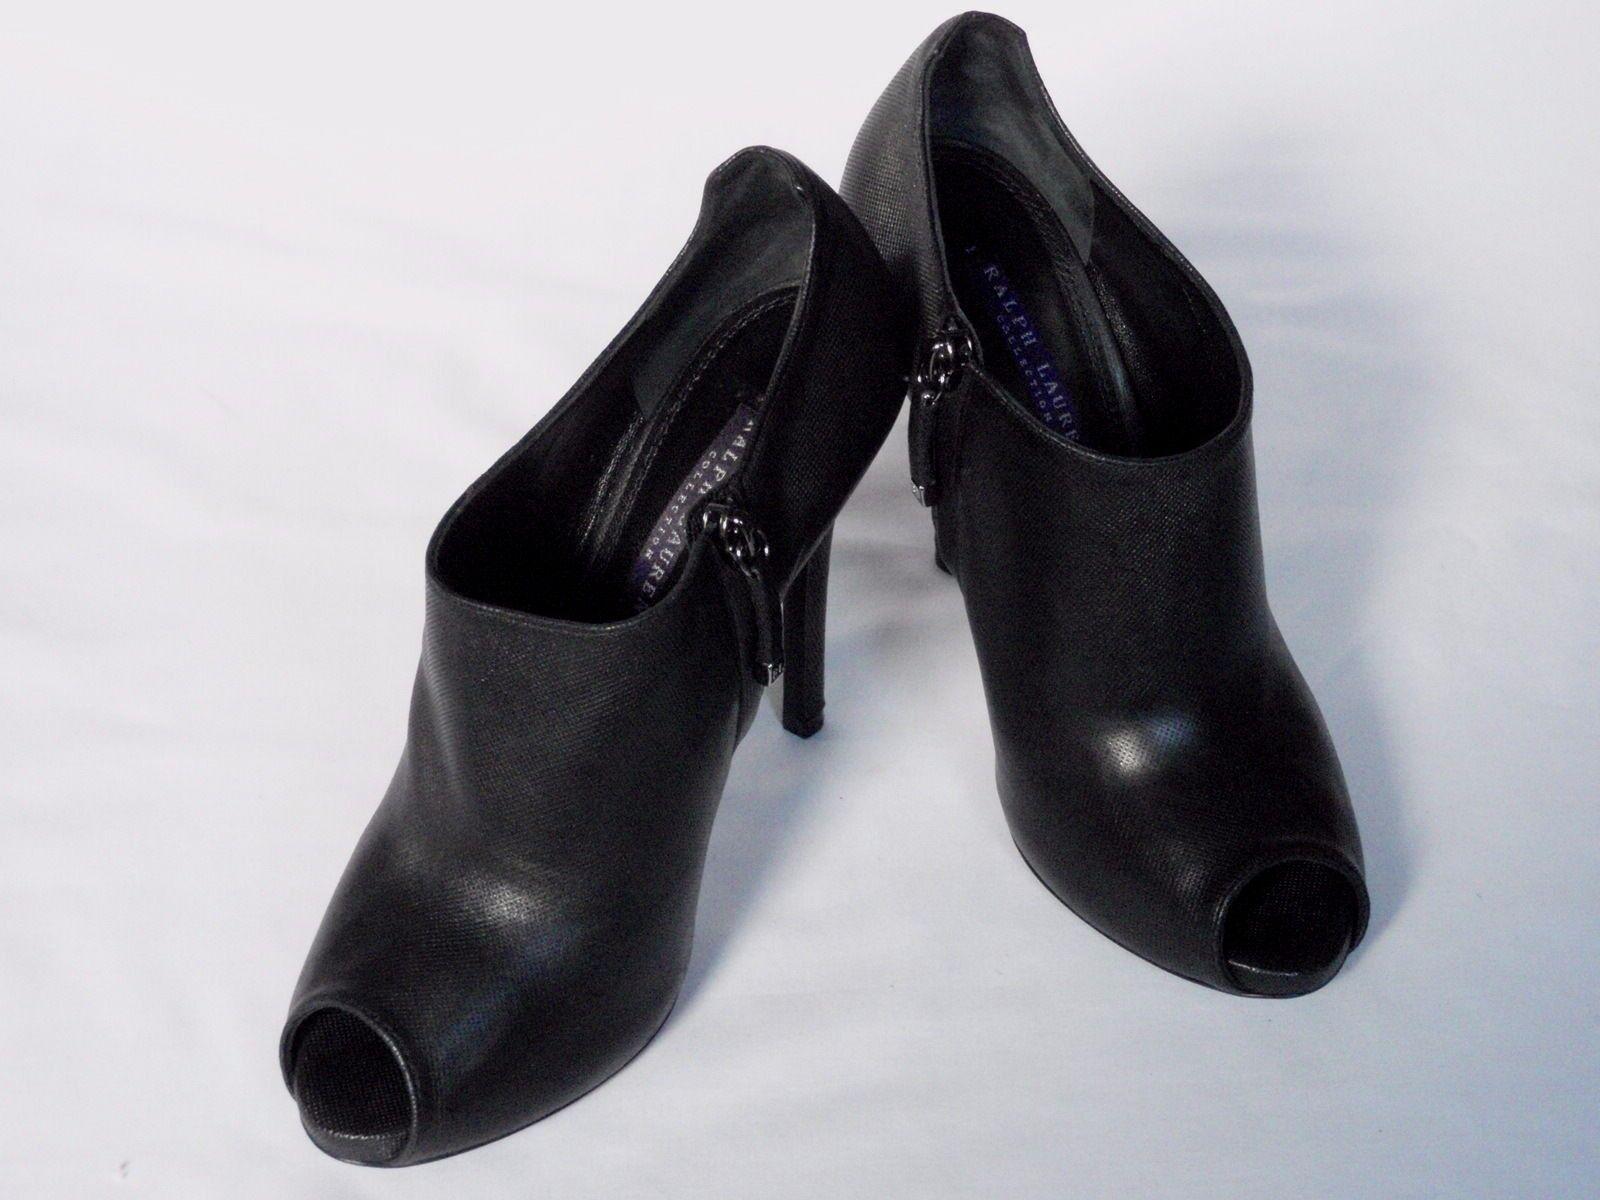 NEW Ralph Lauren femme Jassie Boot Cuir Noir Chaussure Boot Jassie Eu 39.5 Us 9.5 20039f